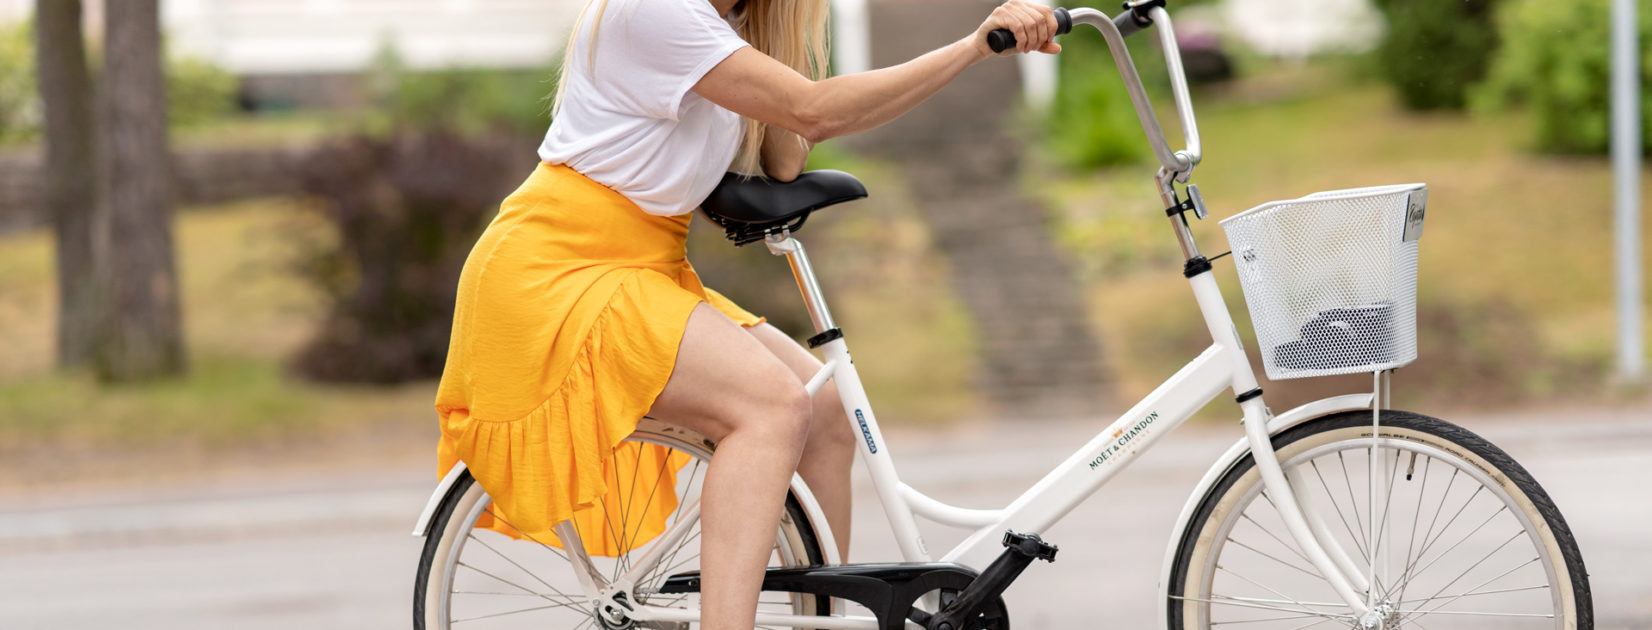 Hanko sporttaajan lomakohde - liikuntaa ja rentoutumista